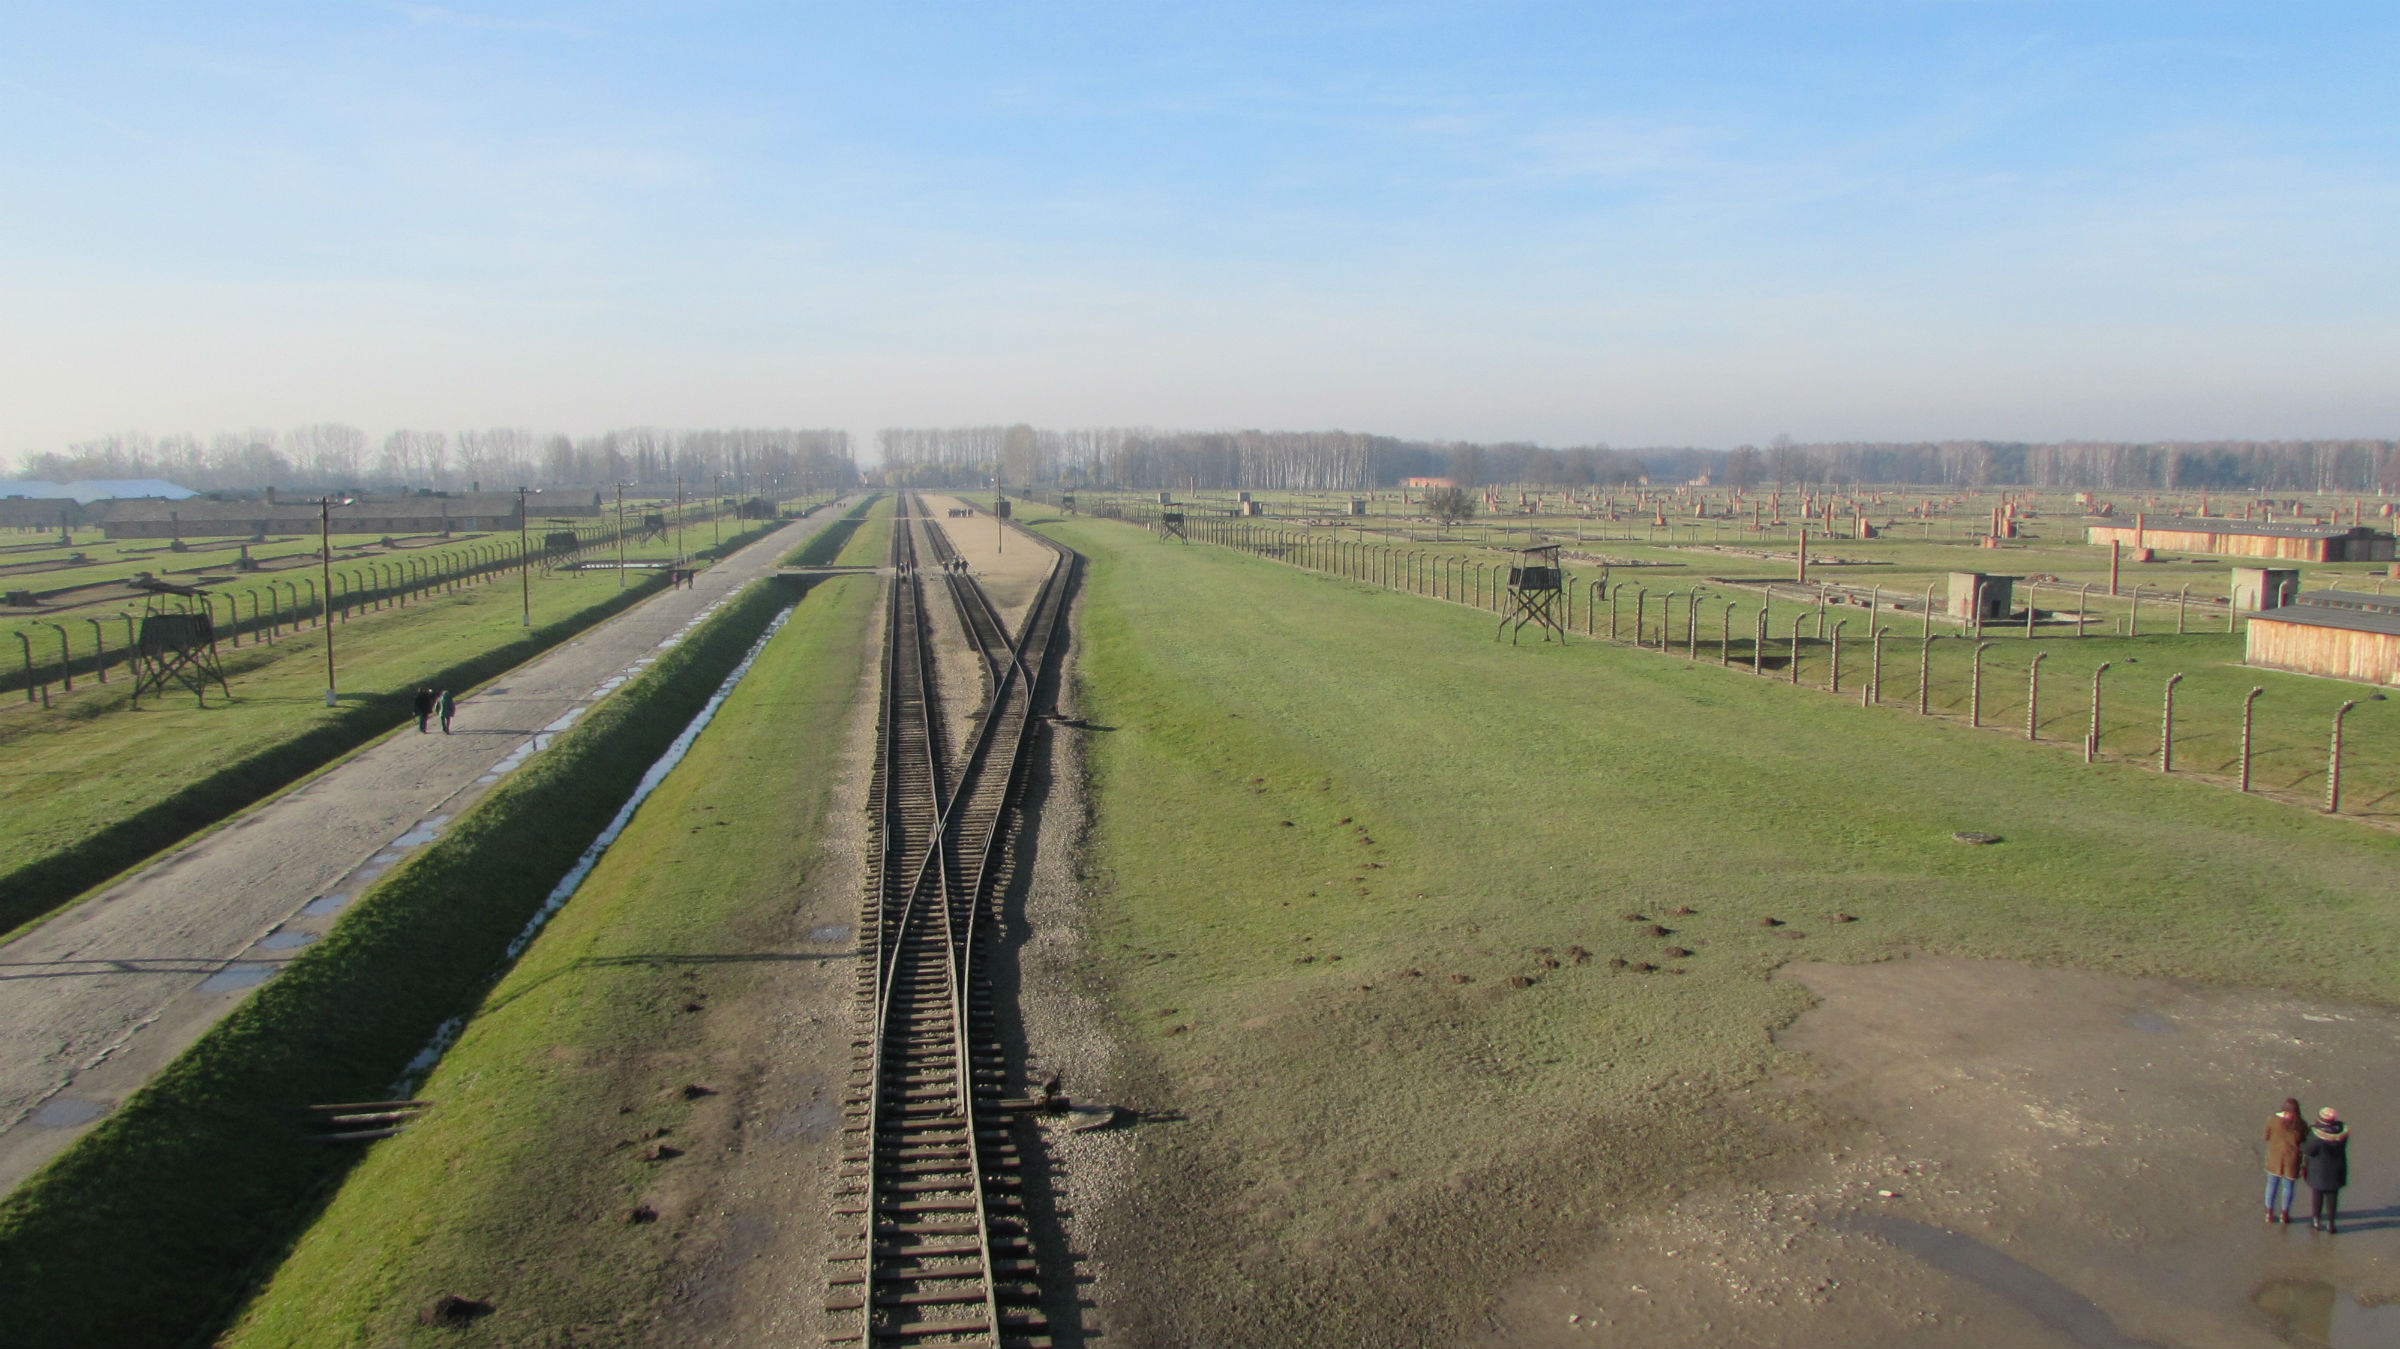 Parallel rail tracks cutting through Birkenau